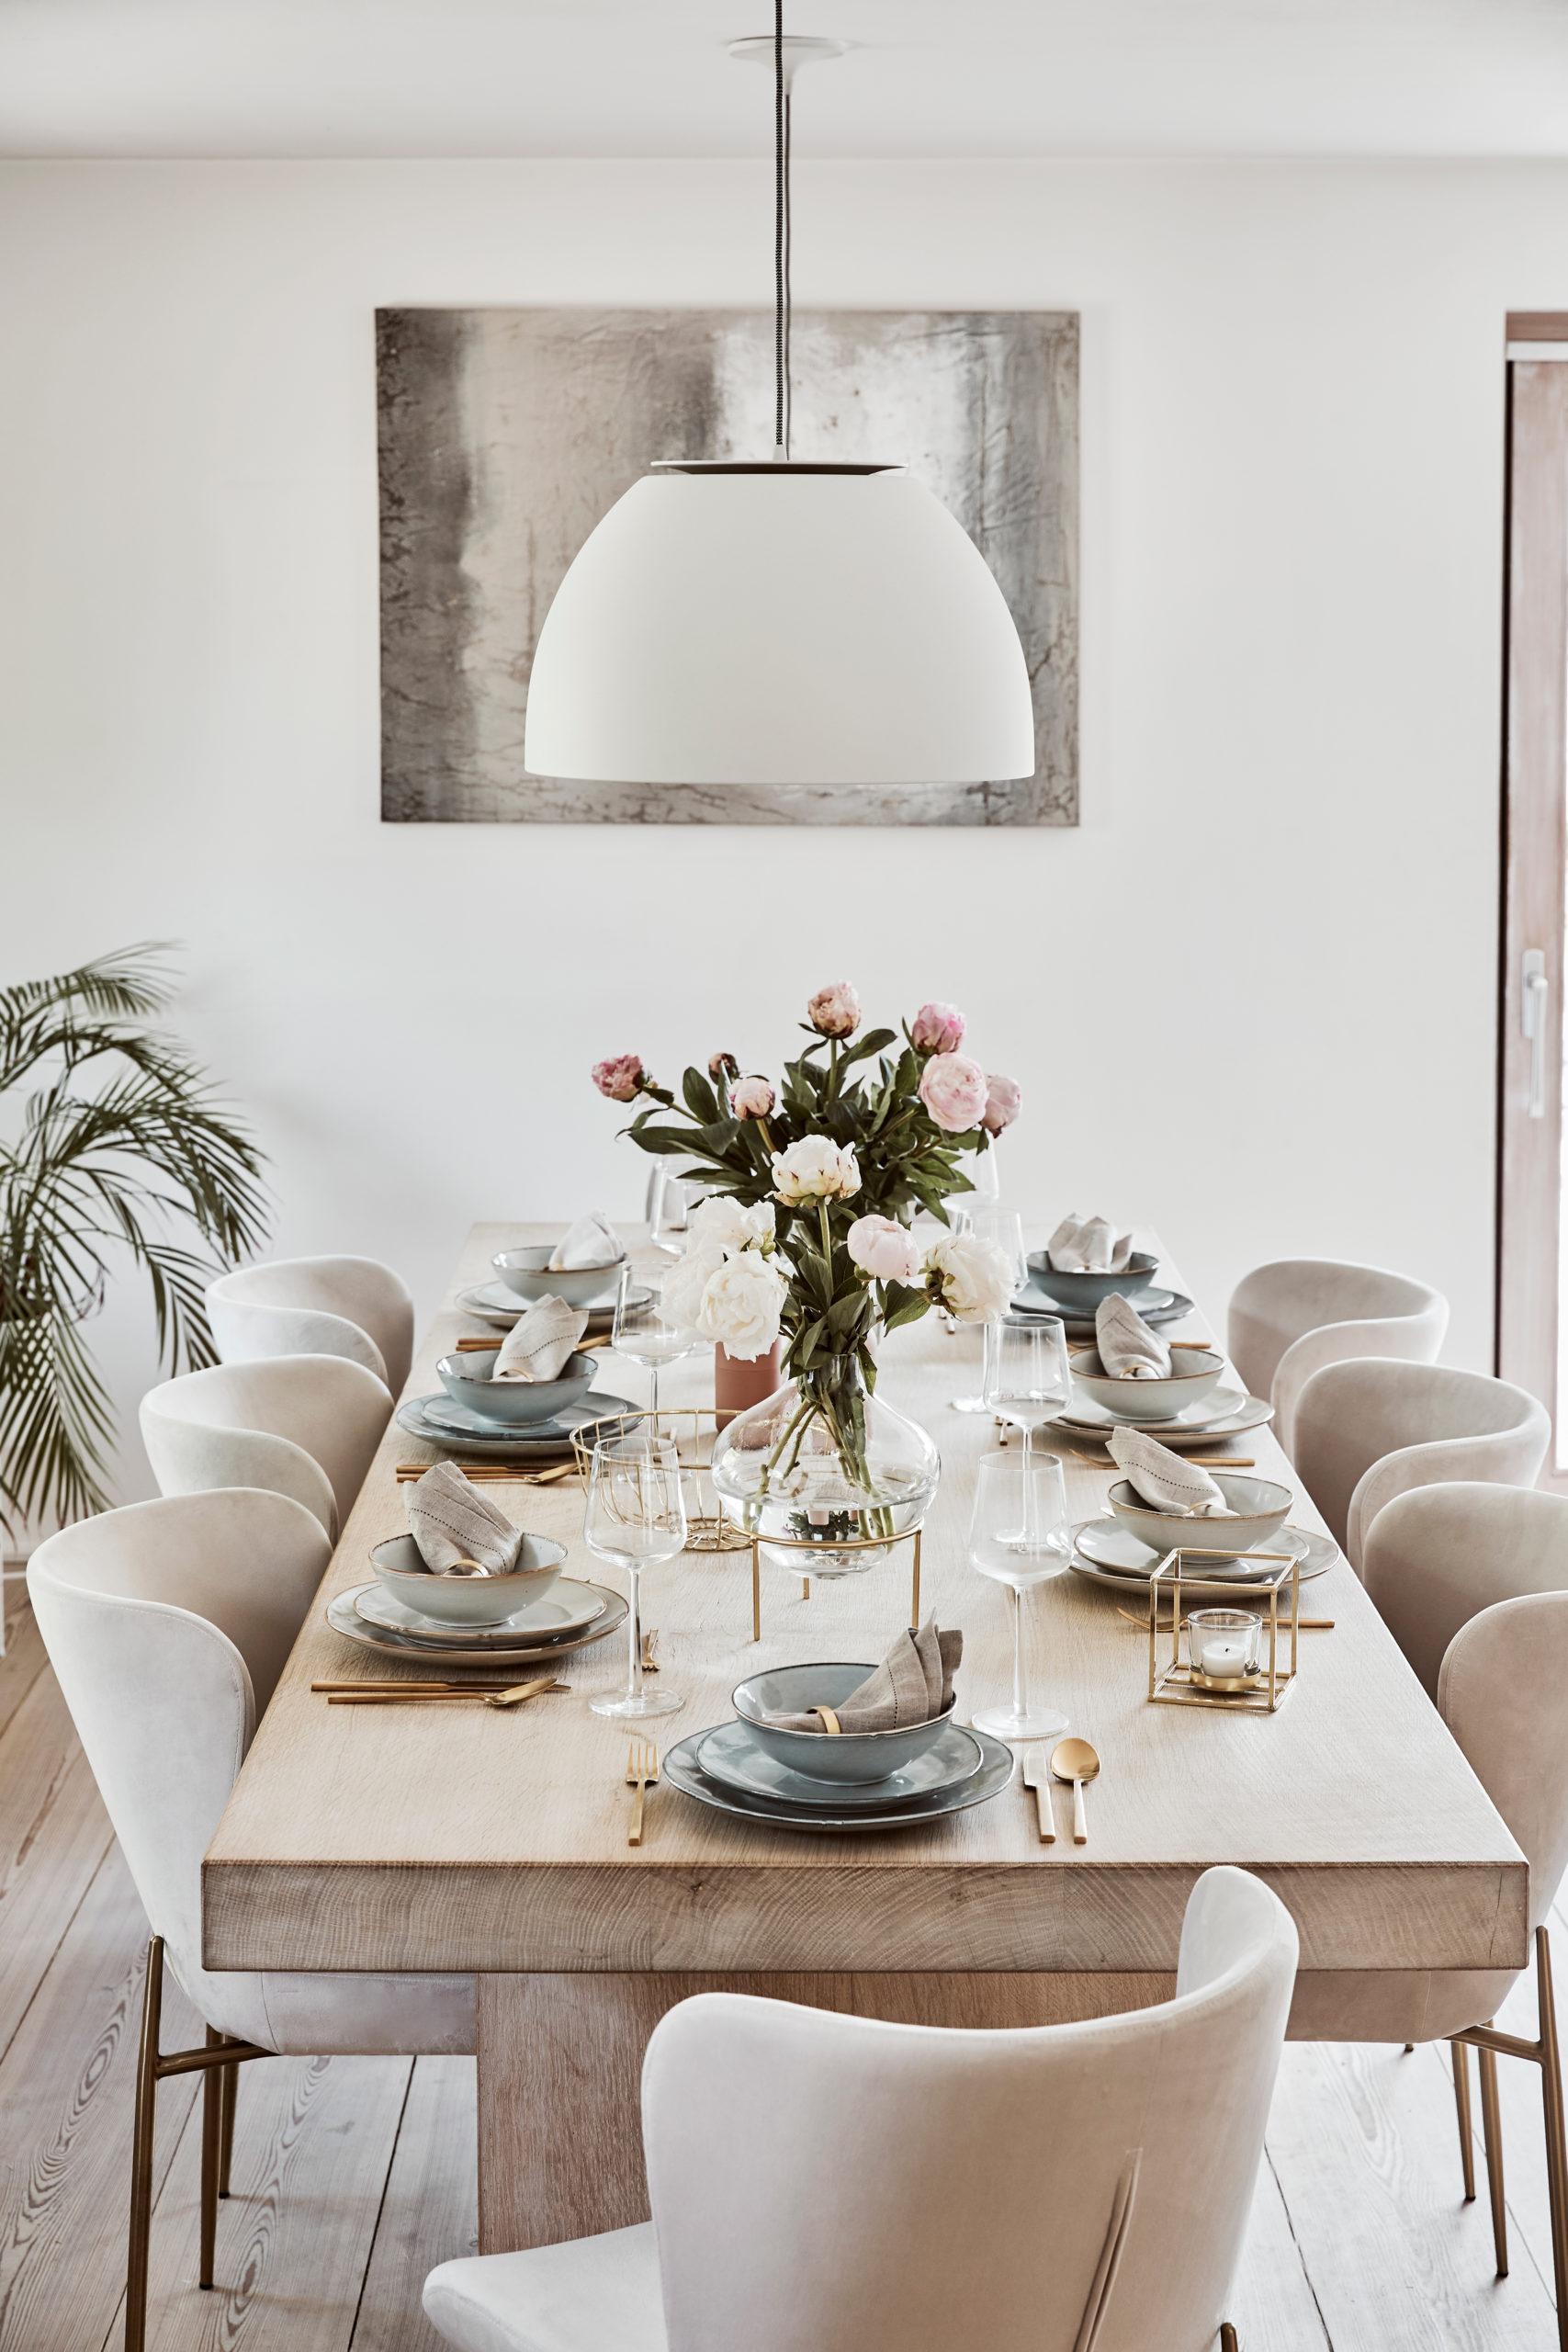 décoration de table chic avec assiettes wabi sabi, couverts dorés et fleurs